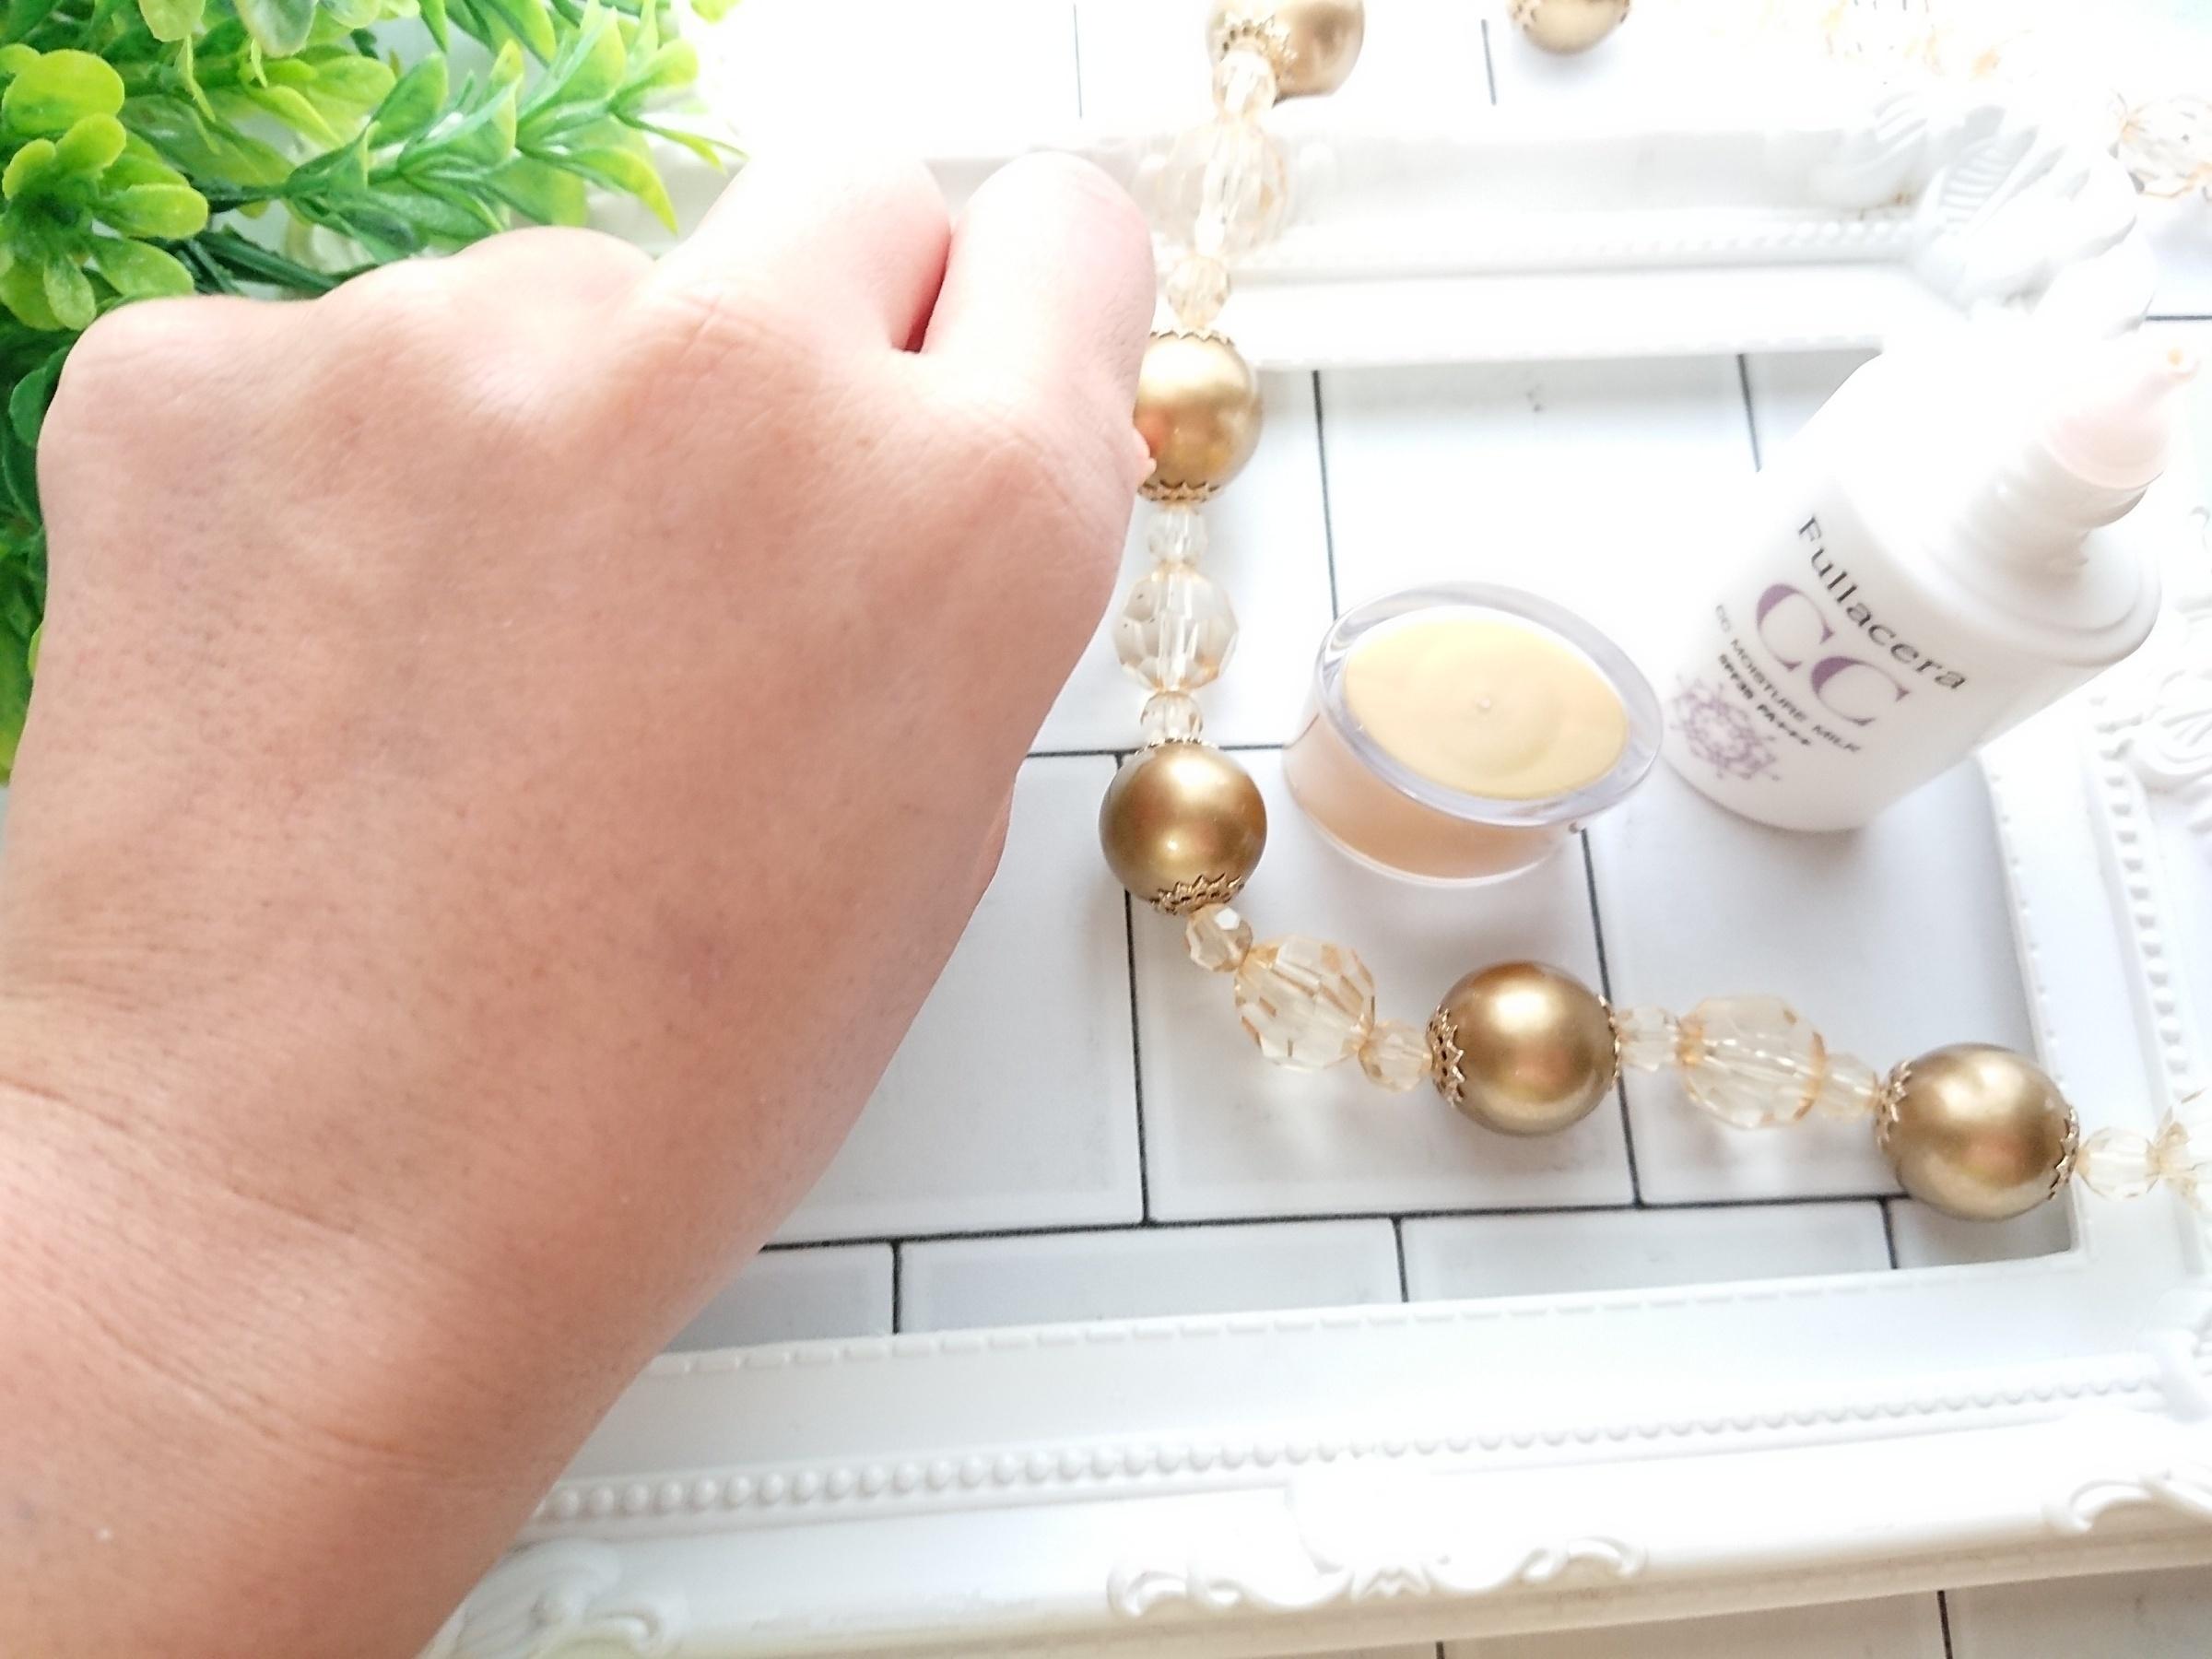 フラセラ UVモイスチャーミルク(その他日焼け止め)を使ったクチコミ(4枚目)